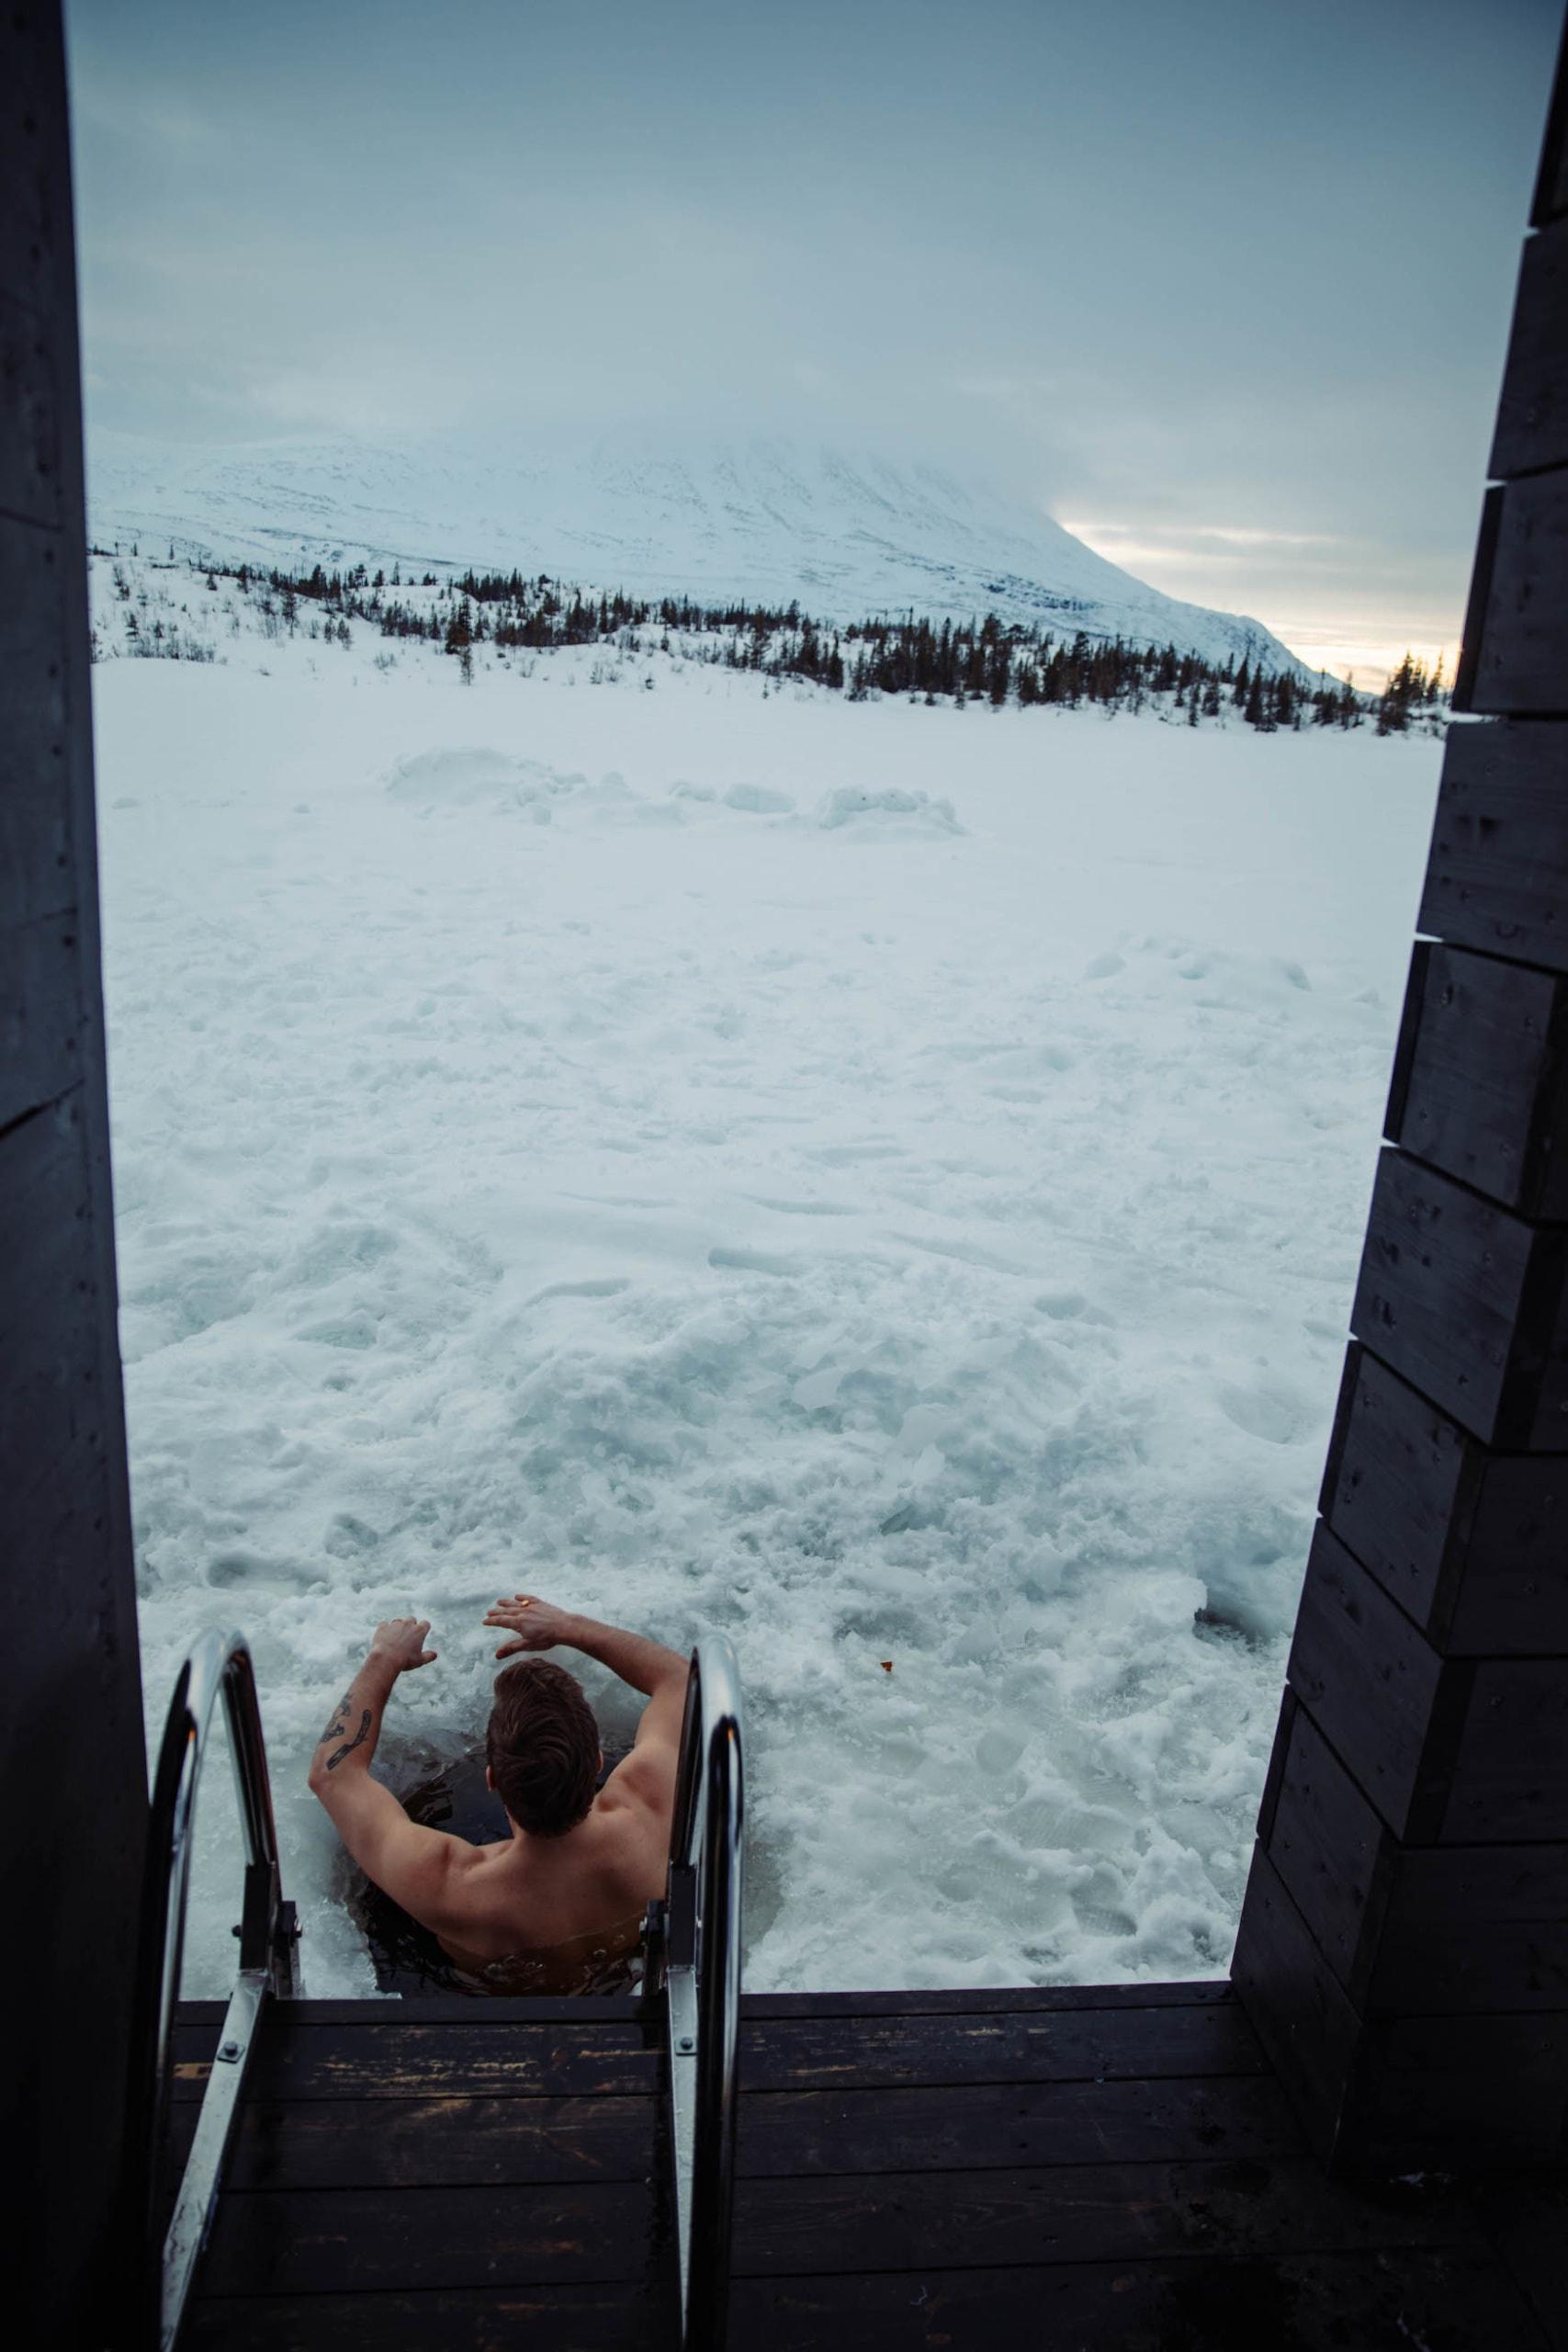 Mann nimmt ein Eisbad in verschneitem See nach Sauna